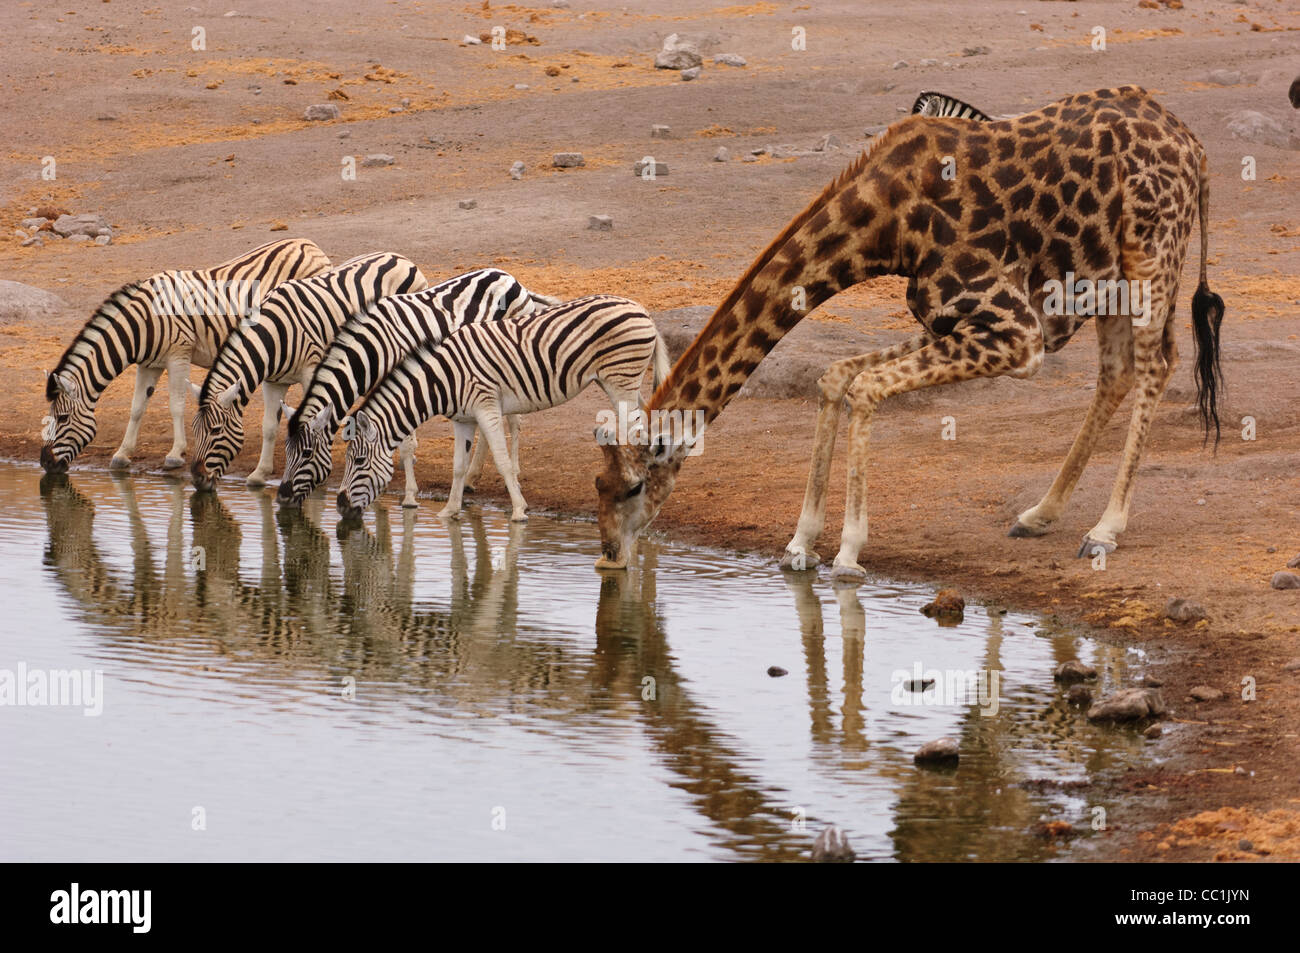 Beber jirafa y cebras en un orificio de agua. El Parque Nacional Etosha, en Namibia. Imagen De Stock